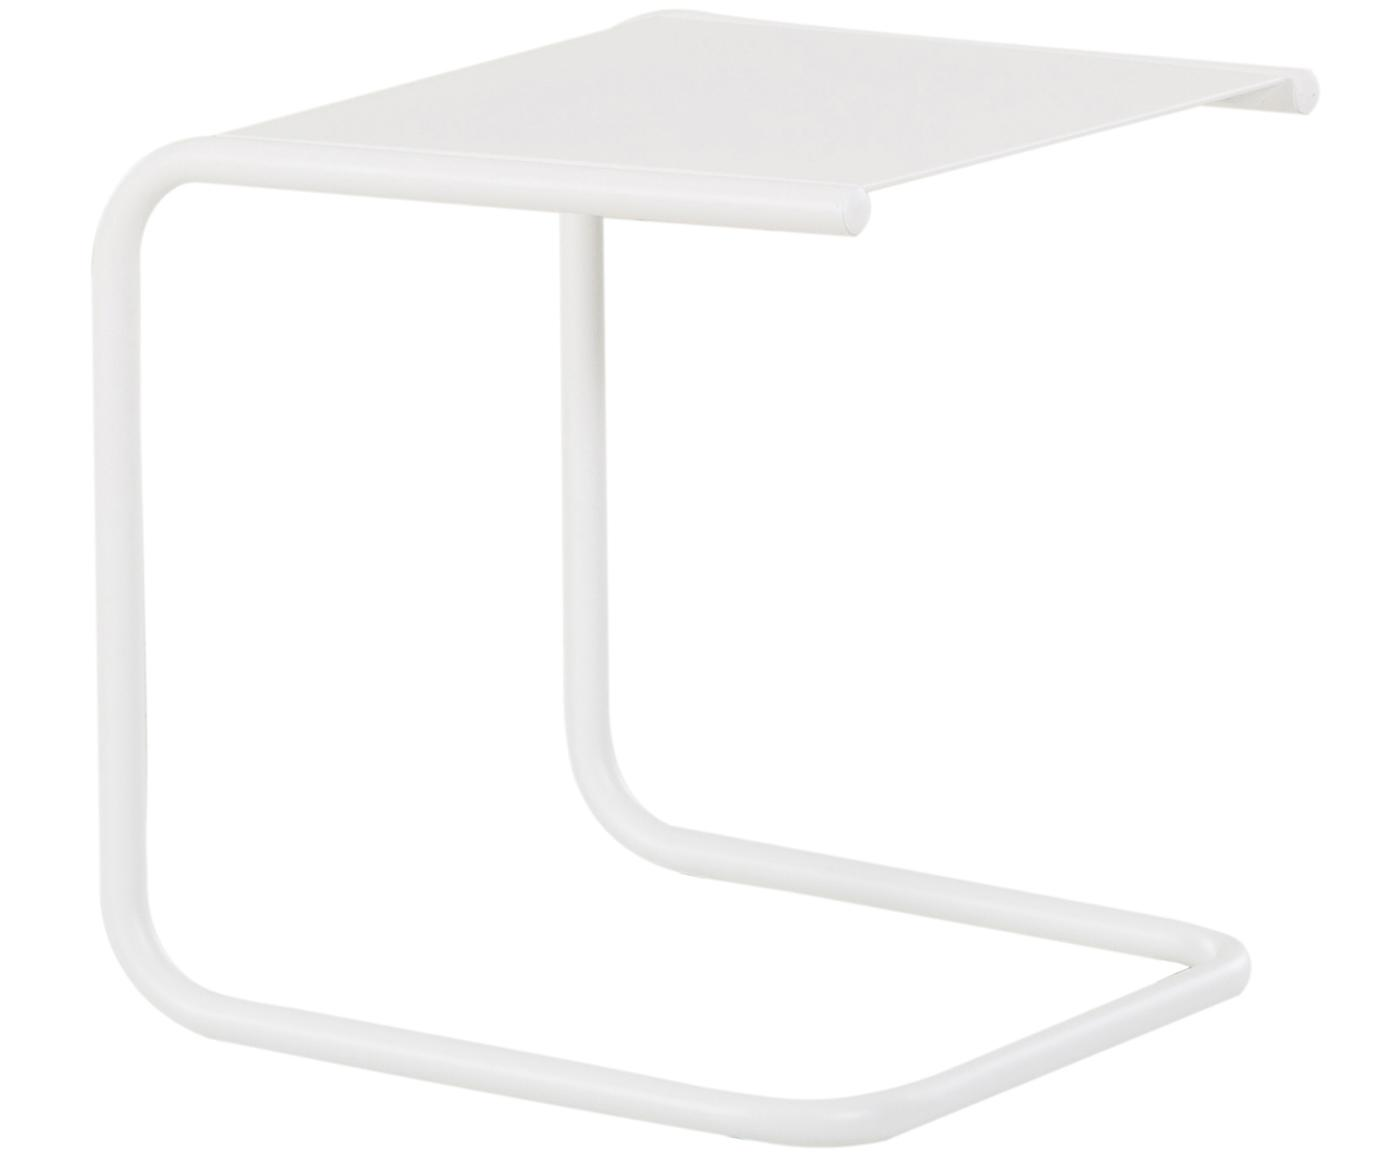 Stolik pomocniczy ogrodowy z metalu Club, Blat: metal malowany proszkowo, Stelaż: aluminium, malowane prosz, Biały, S 40 x G 40 cm